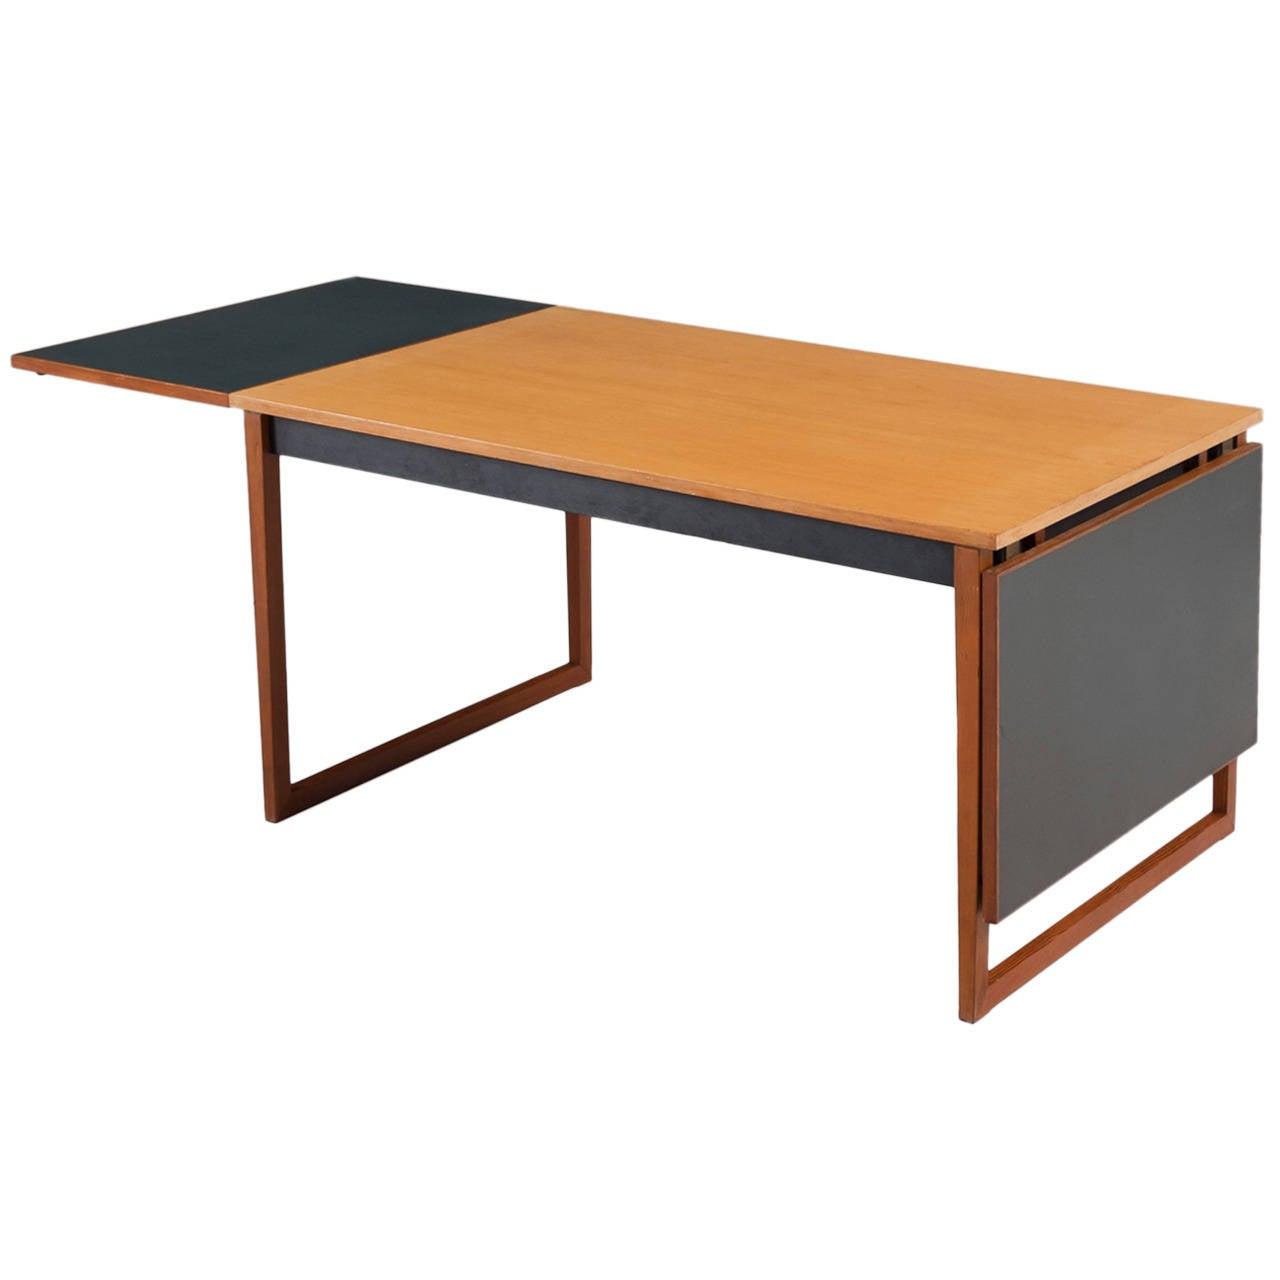 Finn juhl custom table in oregon pine for sale at stdibs